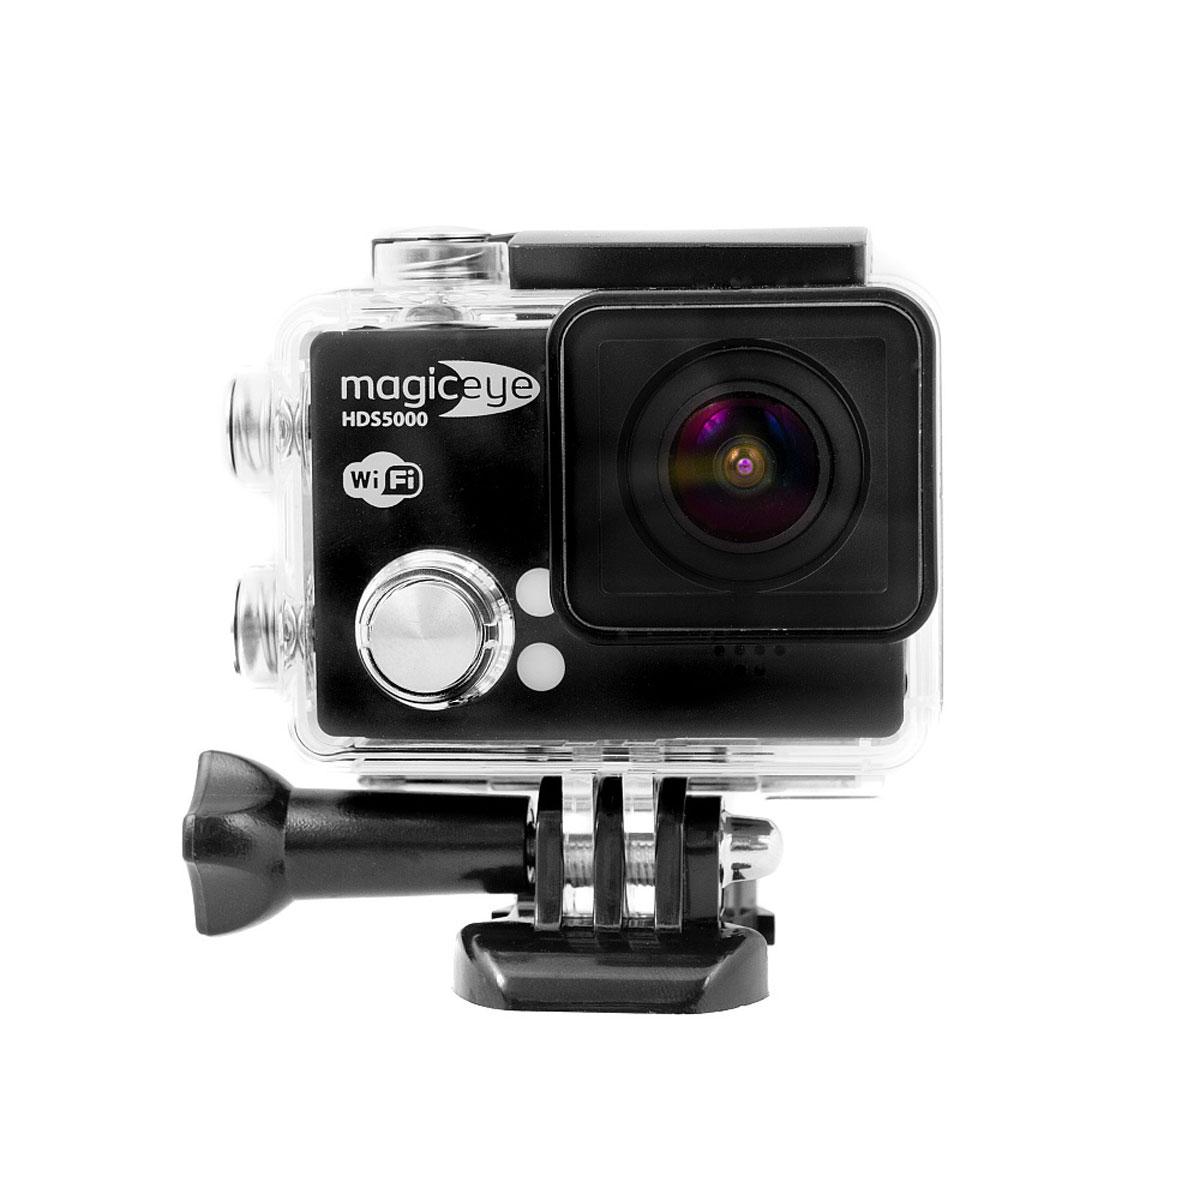 Gmini MagicEye HDS5000, Black экшн-камераAK-10000006Портативная экшн-камера с возможностью записи в формате FullHD 1080p с частотой 60 кадров в секунду, 1.5 дисплеем, управлением съемкой по WiFi и самым полным комплектом поставки. Сенсор и объектив: Сенсор SONY Exmor R IMX206CQC 16 мегапикселей. Широкоугольный объектив с углом обзора 170°, диафрагма F/2.0. WiFi: Удаленное управление съемкой по WiFi с вашего смартфона или планшета под управлением iOS или Android. Экран: 1.5 LCD дисплей для просмотра записанных фрагментов и настроек. Избавит от необходимости иметь дополнительное устройство для просмотра видео. Поможет при настройке положения вашей экшн-камеры.файлов. Комплектация: Самый полный комплект поставки, включающий в себя бокс для подводной съемки, автомобильное крепление и автомобильный адаптер питания, крепления на руль, шлем, пояс и множество самых различных переходников. Продолжительность фрагмента записи: 1 / 3 / 5 минут, непрерывная...